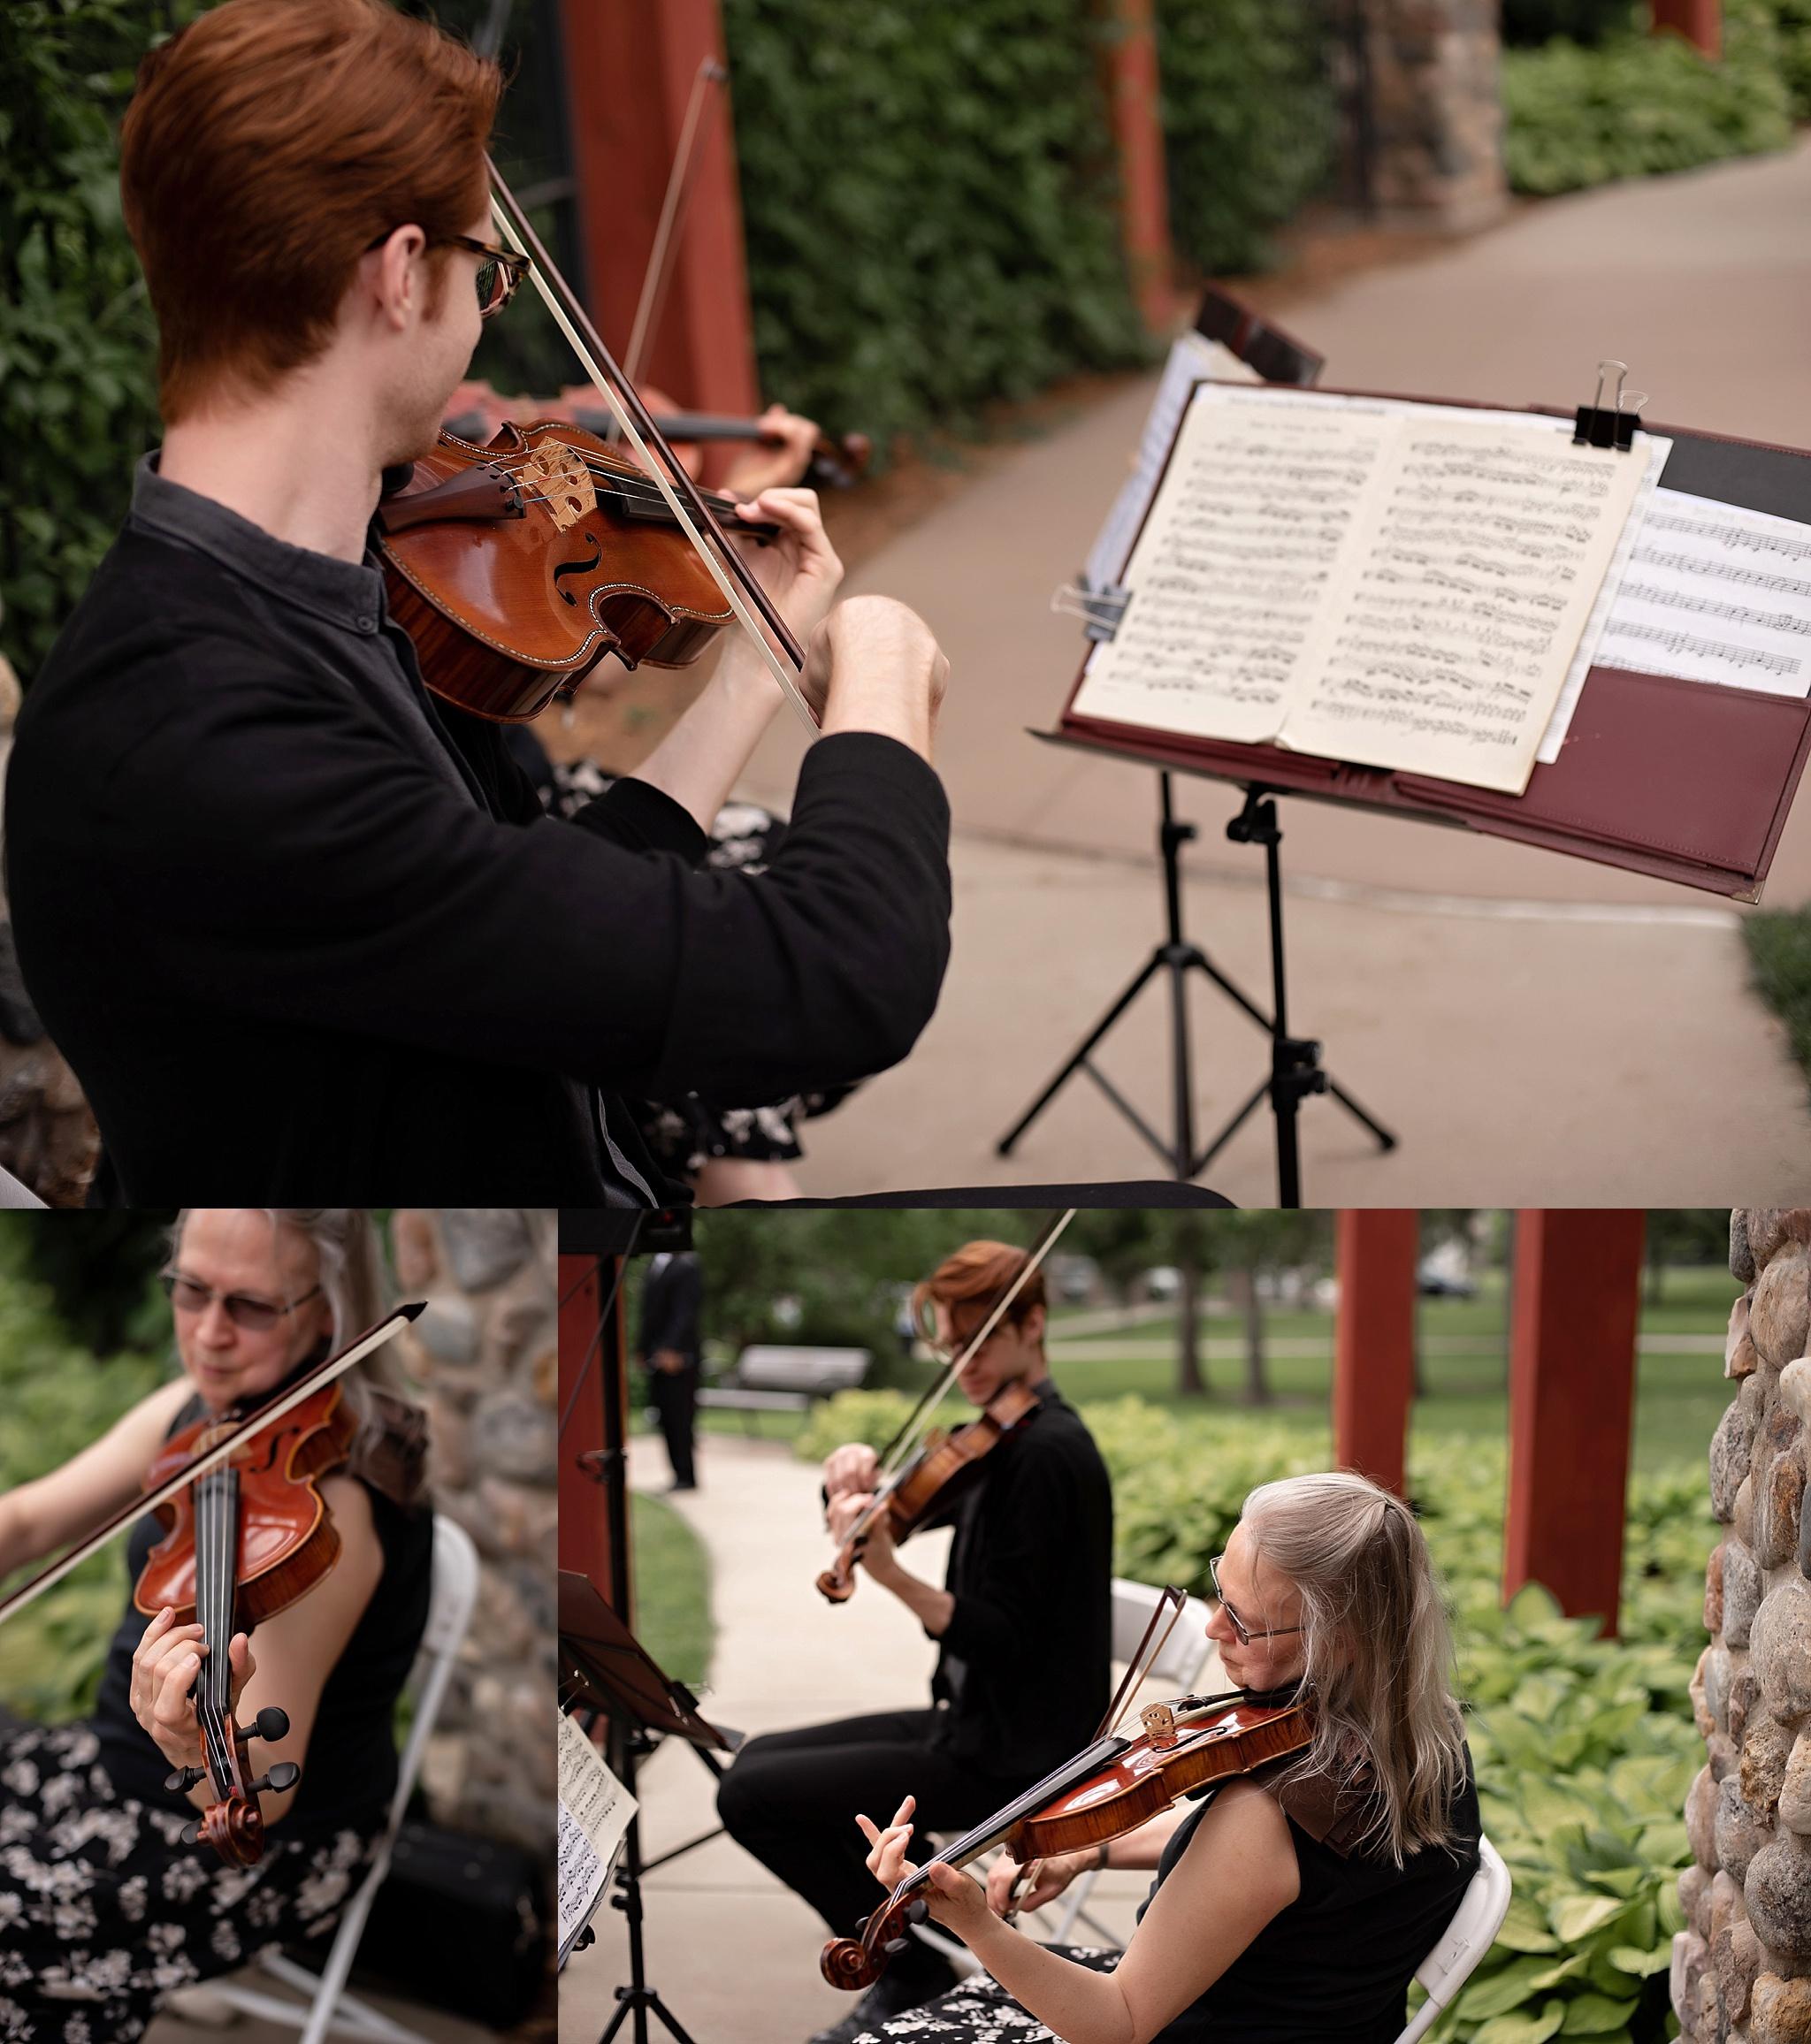 duet plays violin viola at wedding ceremony garden park wedding